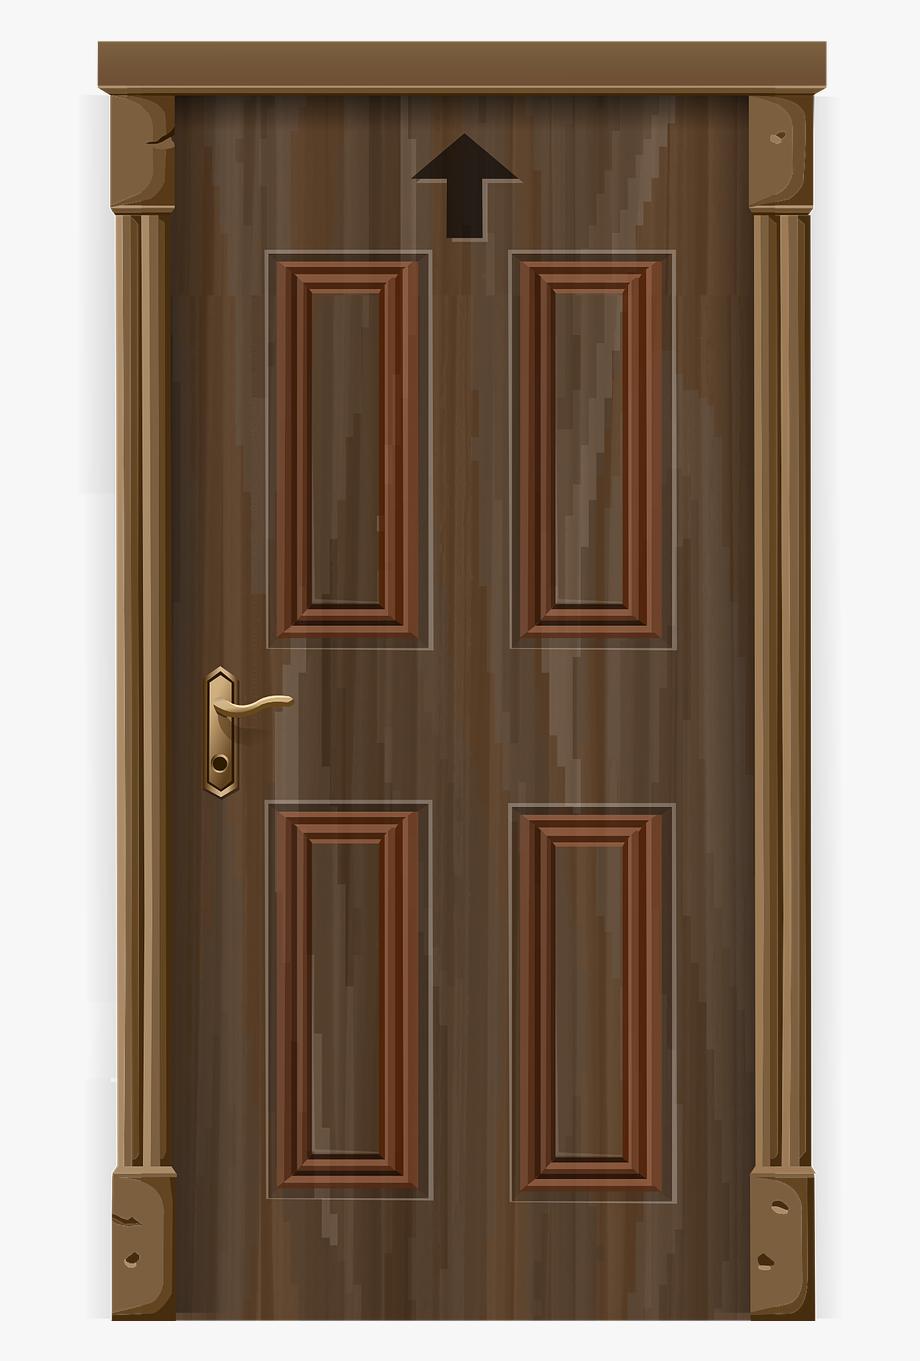 Textura Puerta Png #1467638.